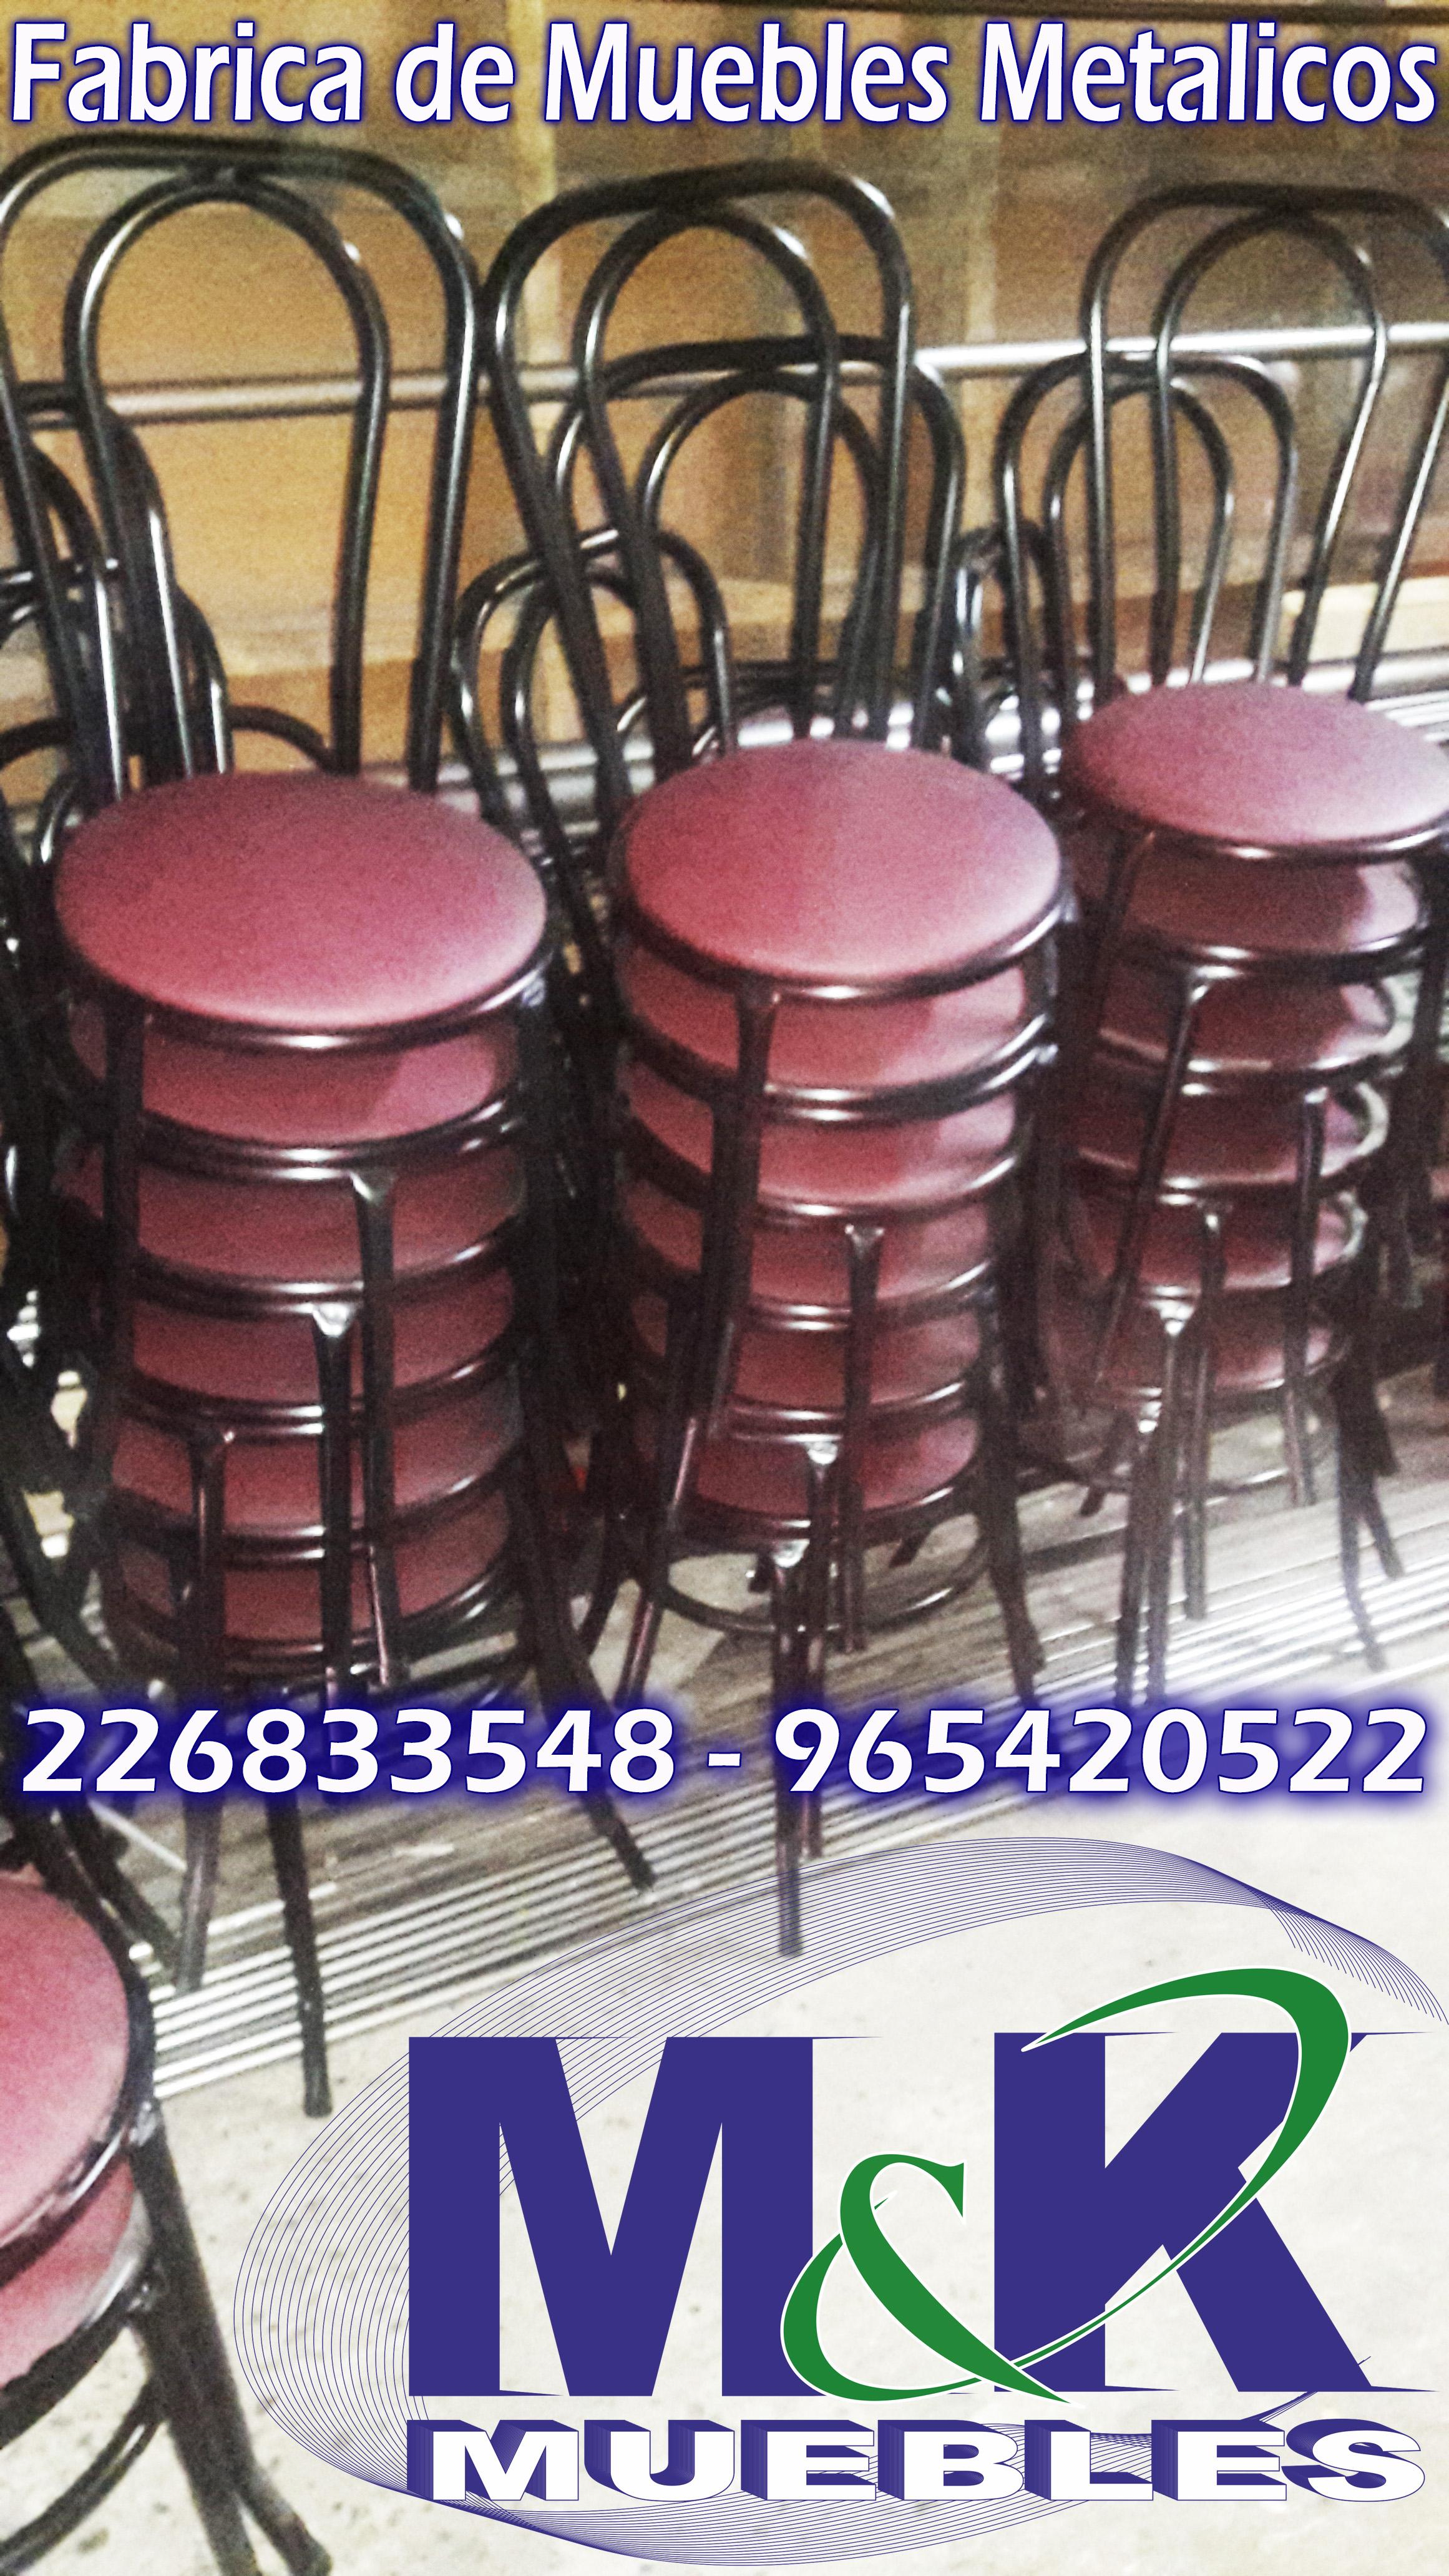 Silla mesas camas camarotes muebles metalicos fabrica Fabrica de bases para mesas